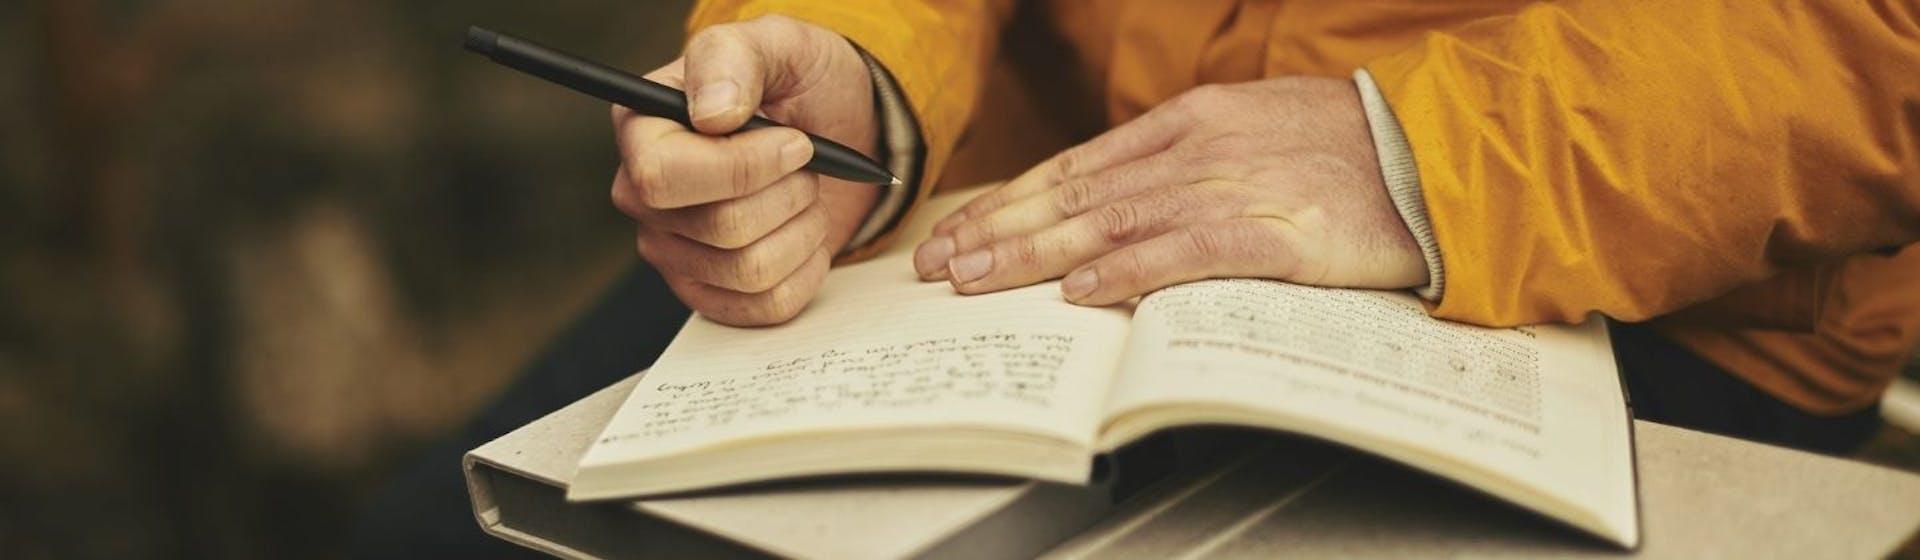 Tipos de escritura: ¡Desde los jeroglíficos hasta el alfabeto!